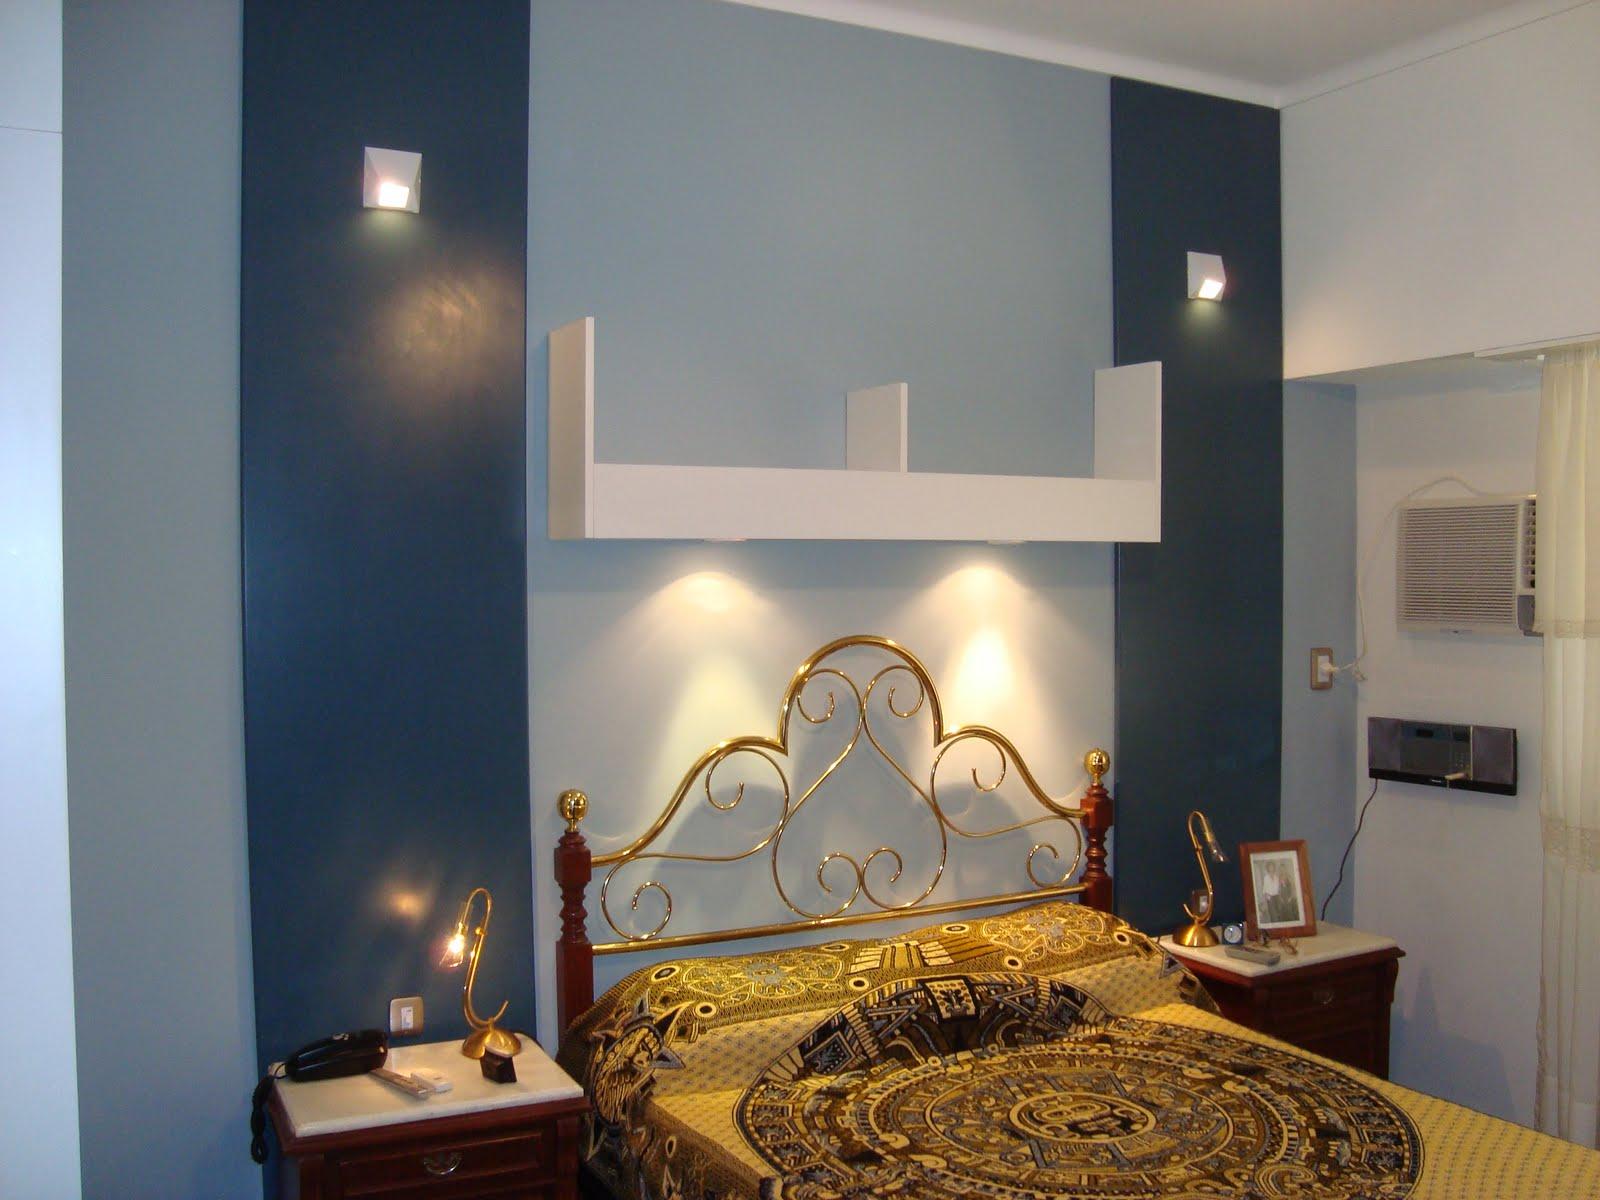 Deco vanguardia dormitorio con aires de mar for Ejemplo de dormitorio deco